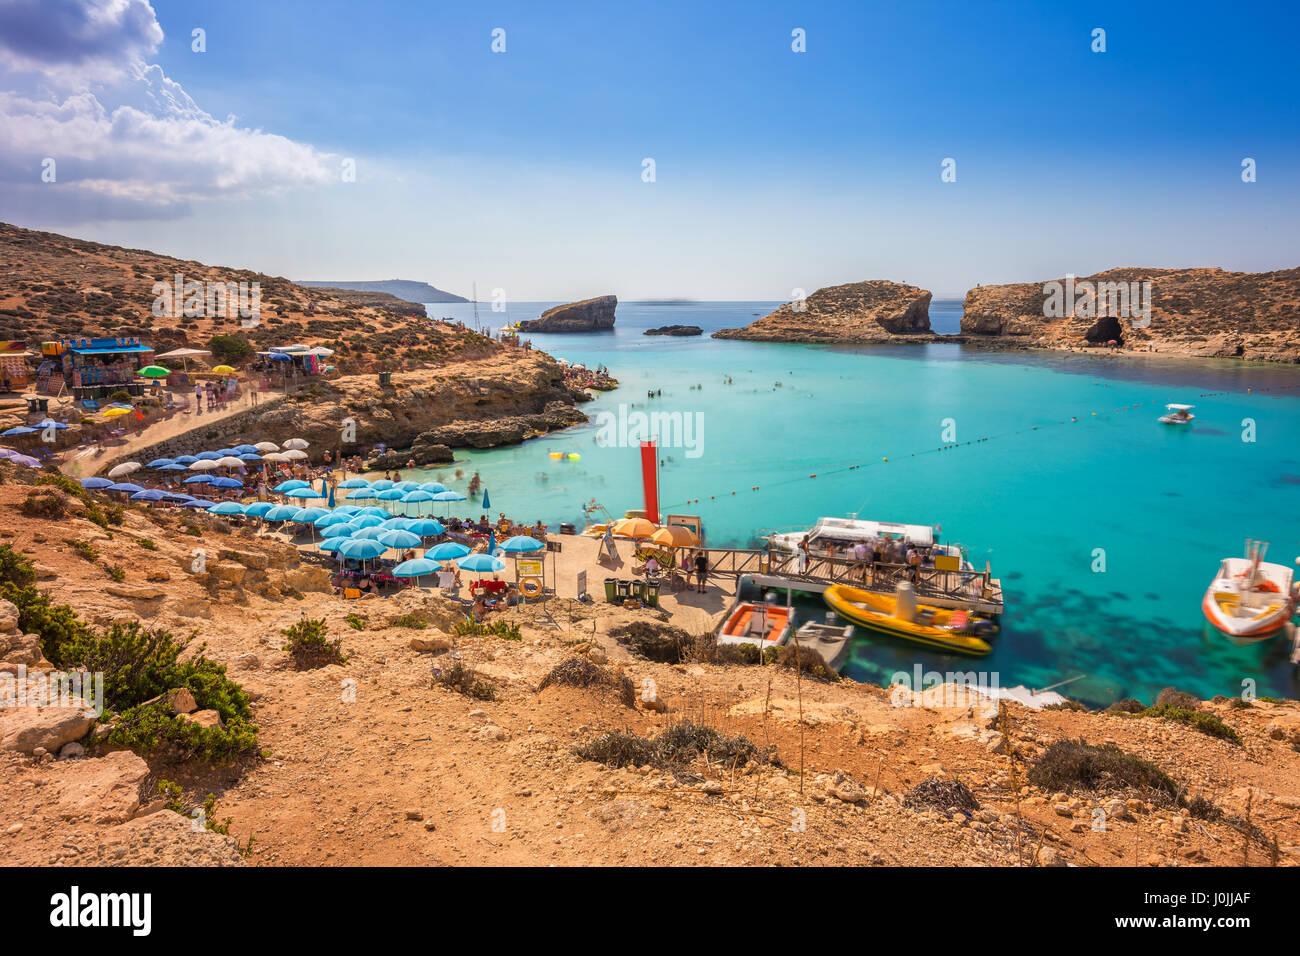 Comino, Malta - Touristen Menschenmenge bei Blue Lagoon, das klare türkisfarbene Wasser an einem sonnigen Sommertag Stockbild